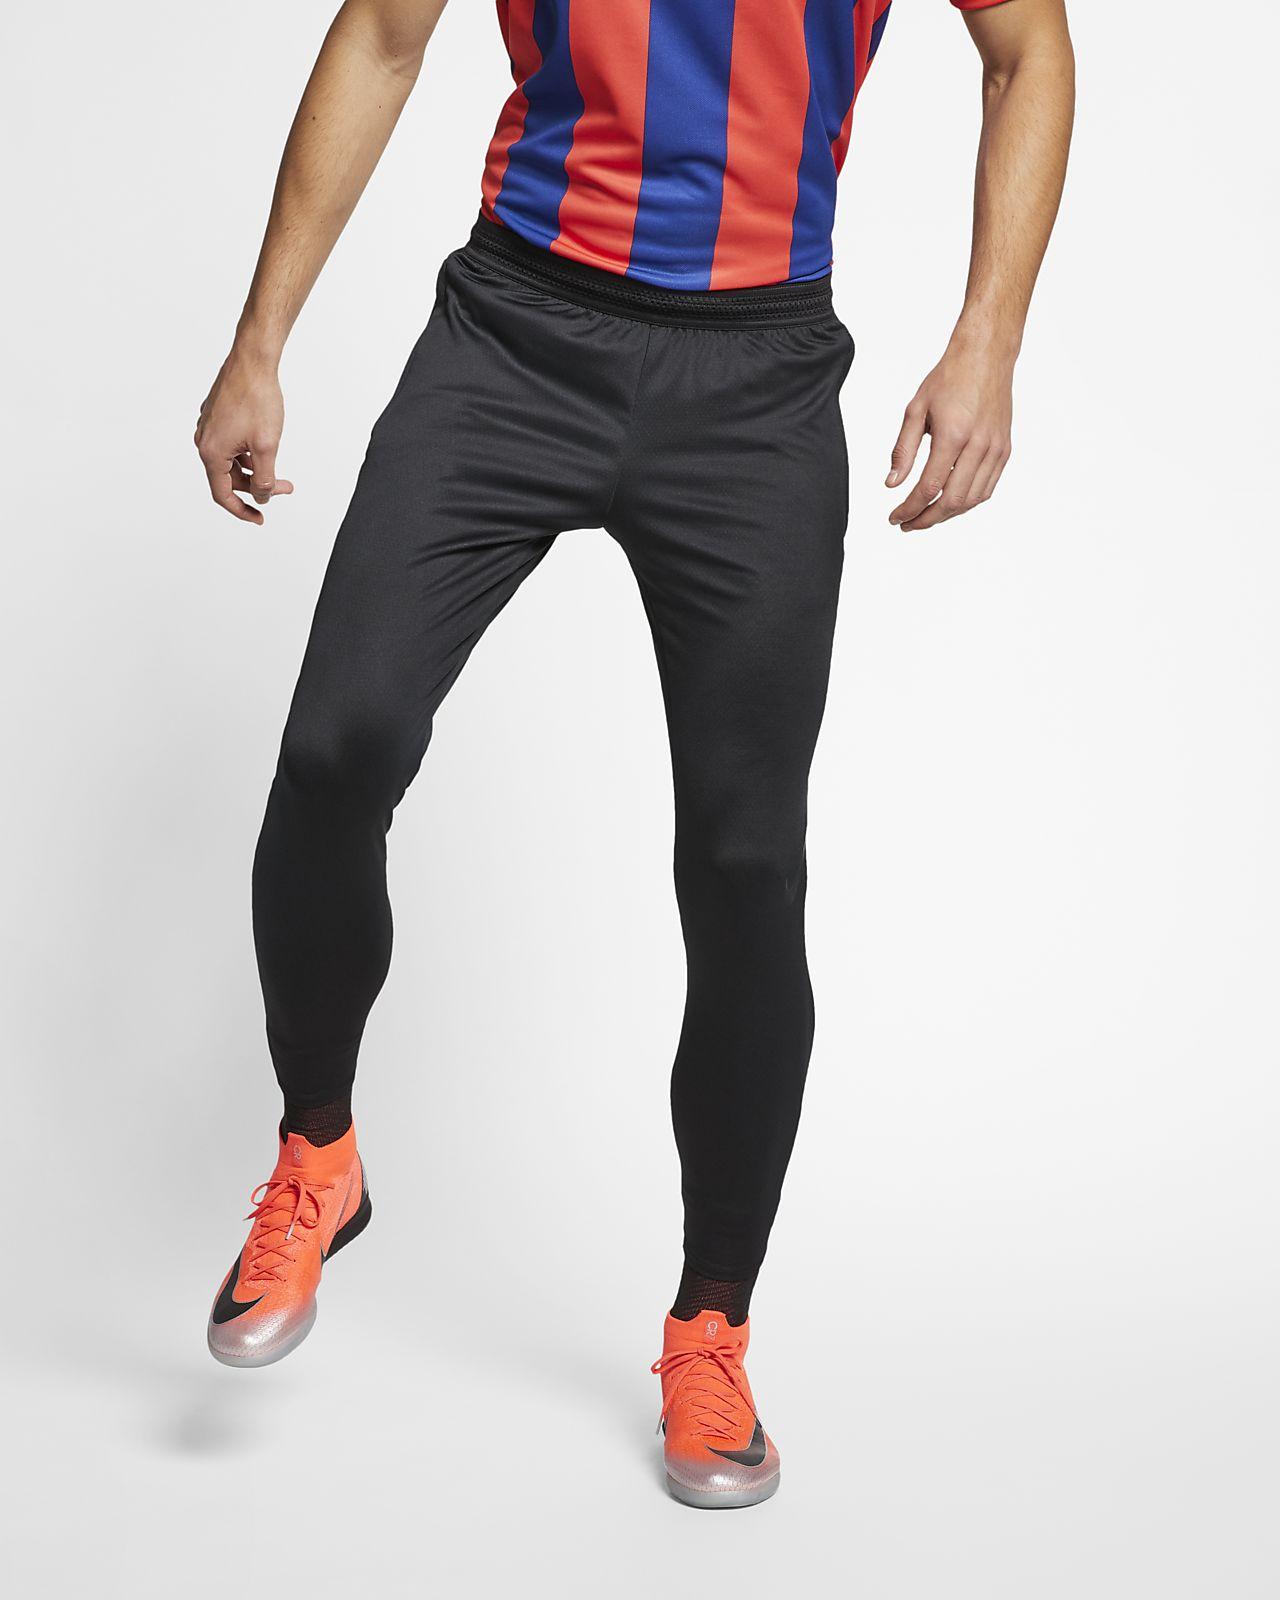 7a65098a63572 Nike Flex Strike Men s Football Pants. Nike.com IE